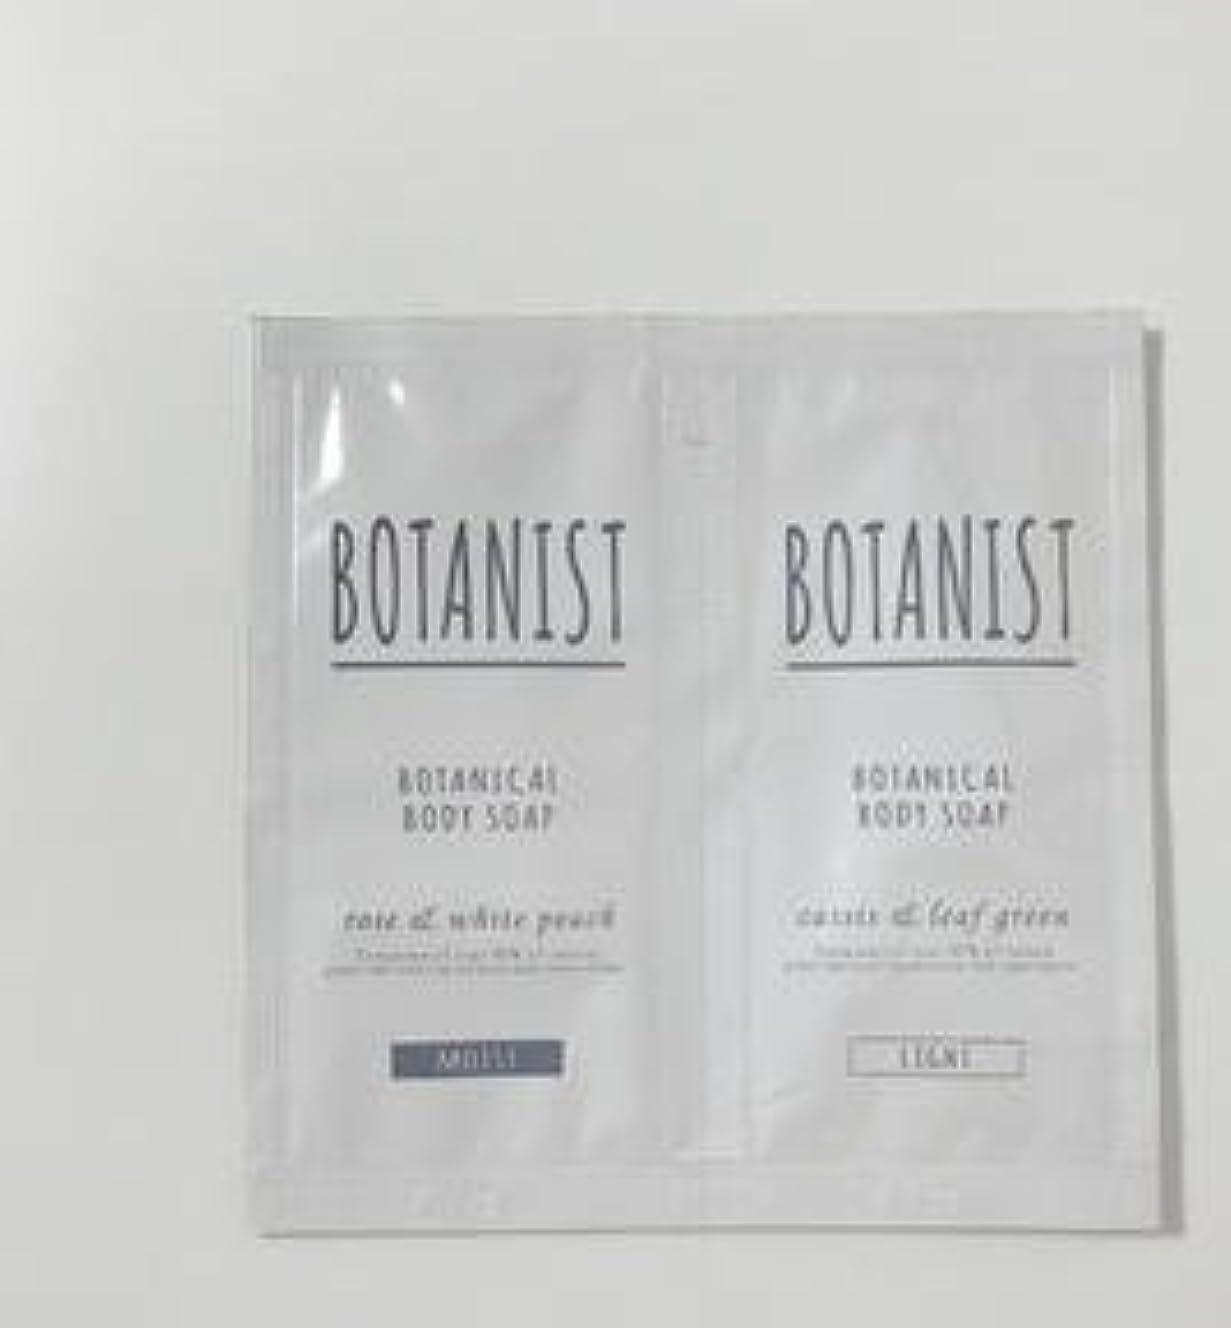 不健全好意再生可能BOTANIST ボタニカル ボディーソープ ライト&モイスト トライアルセット 8ml×2 (ライト&モイスト, 1個)